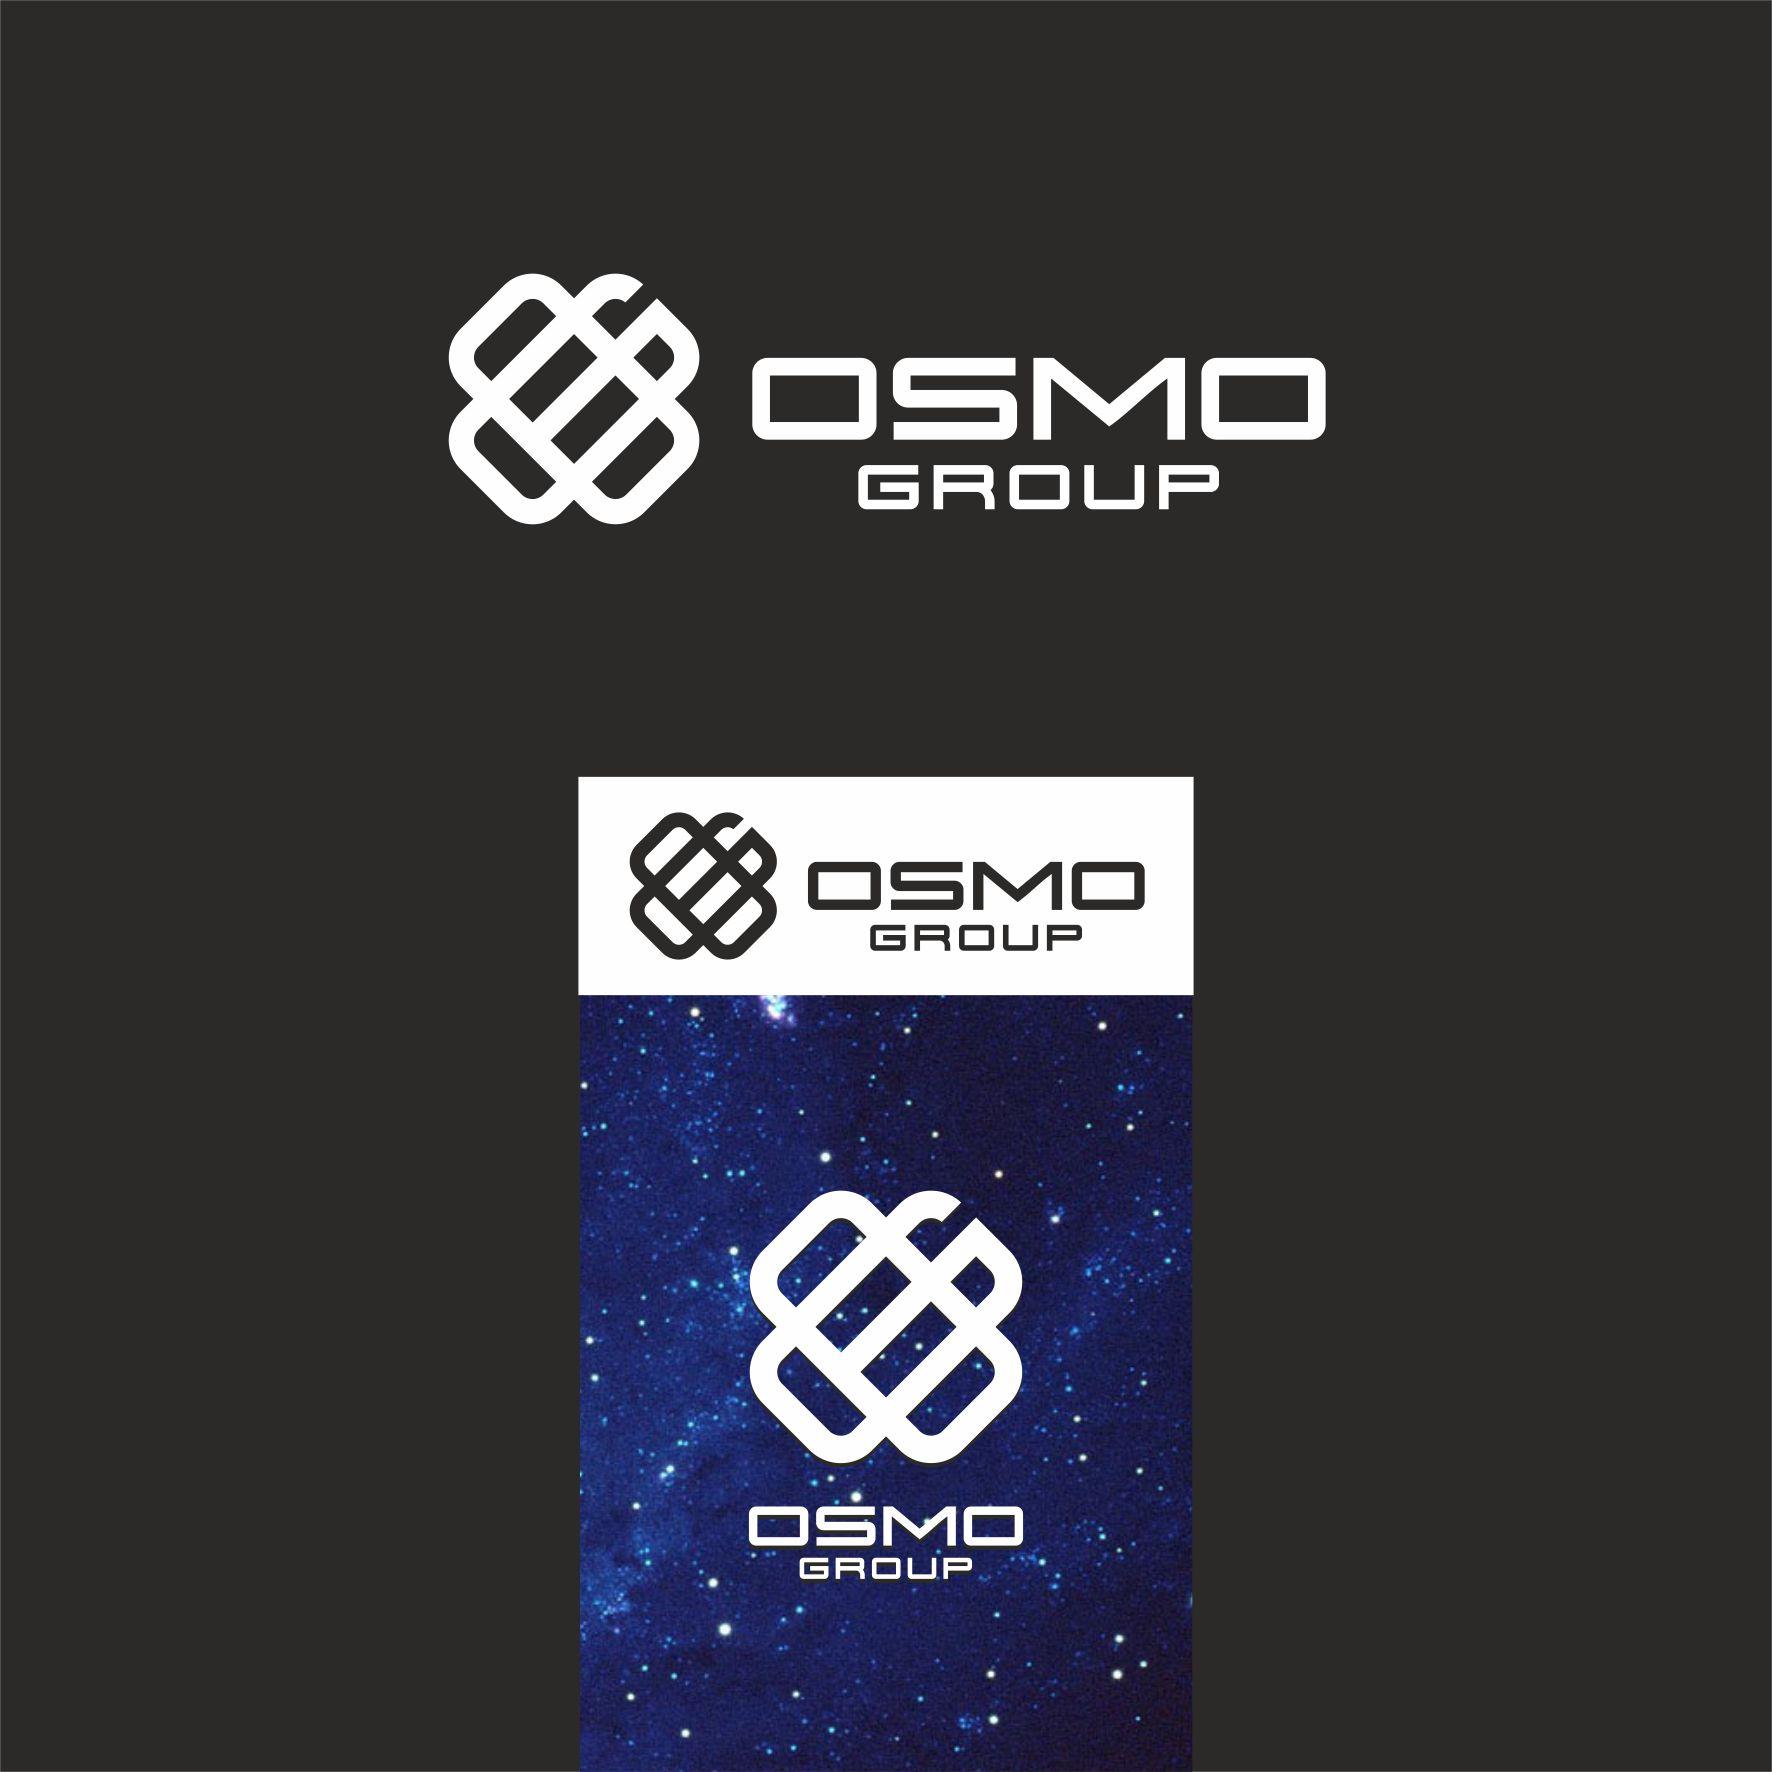 Создание логотипа для строительной компании OSMO group  фото f_99859b50aaa4ced9.jpg